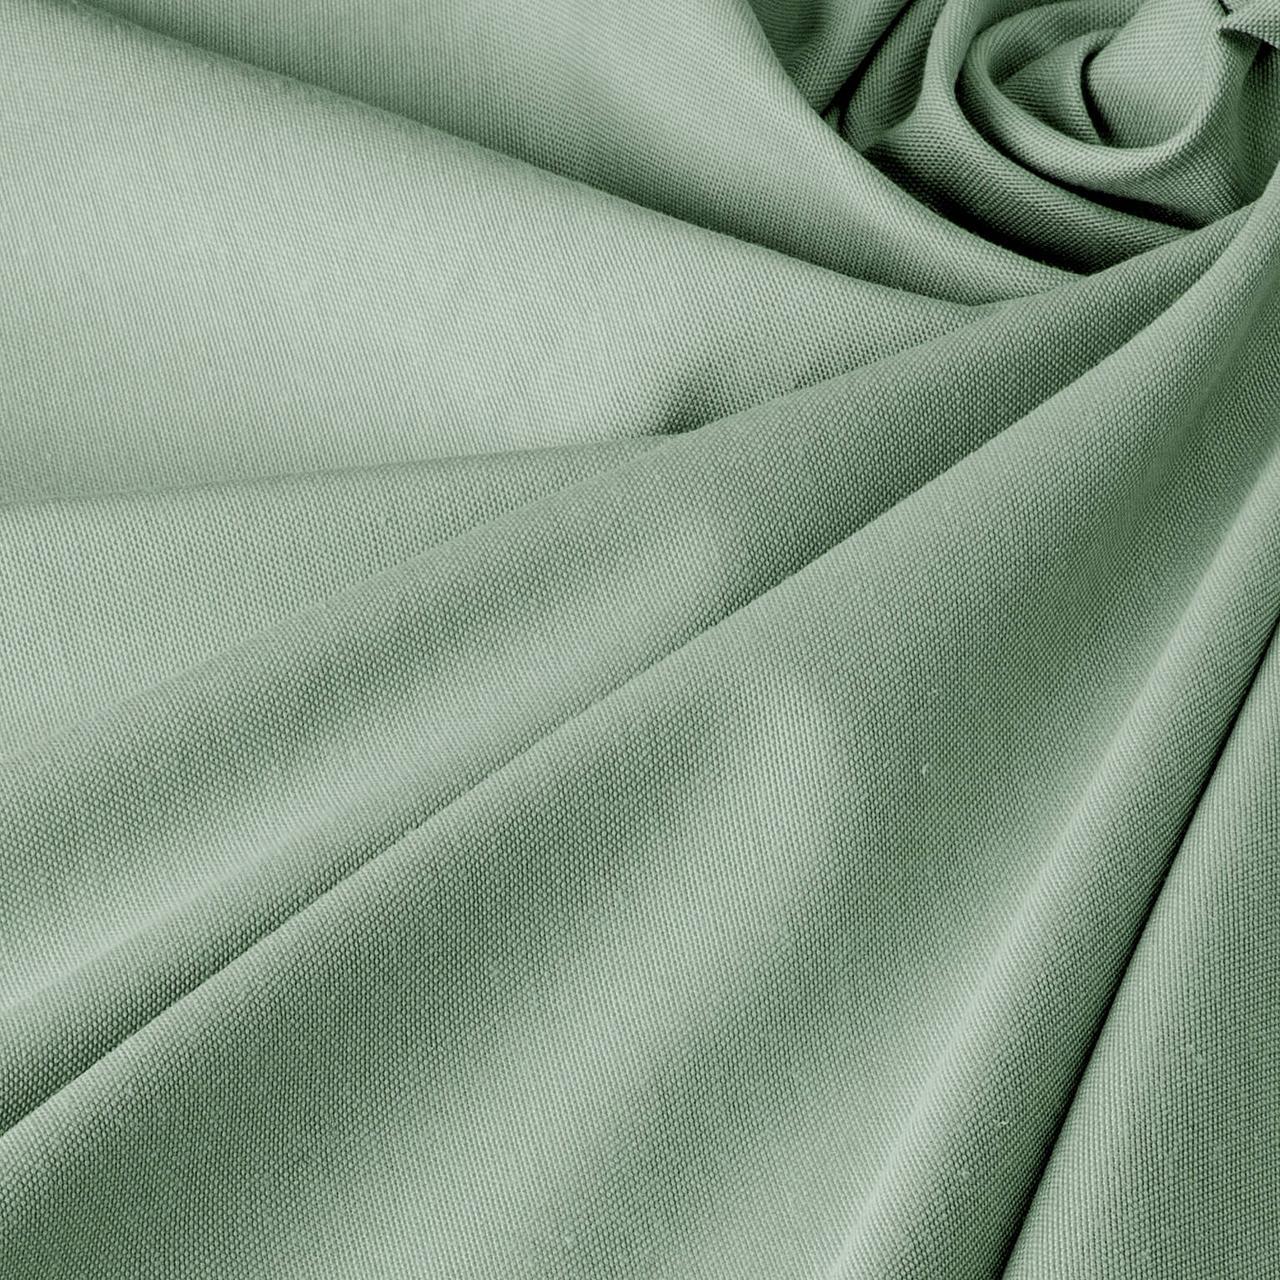 Ткань для штор и скатертей Teflon DRY v 3297